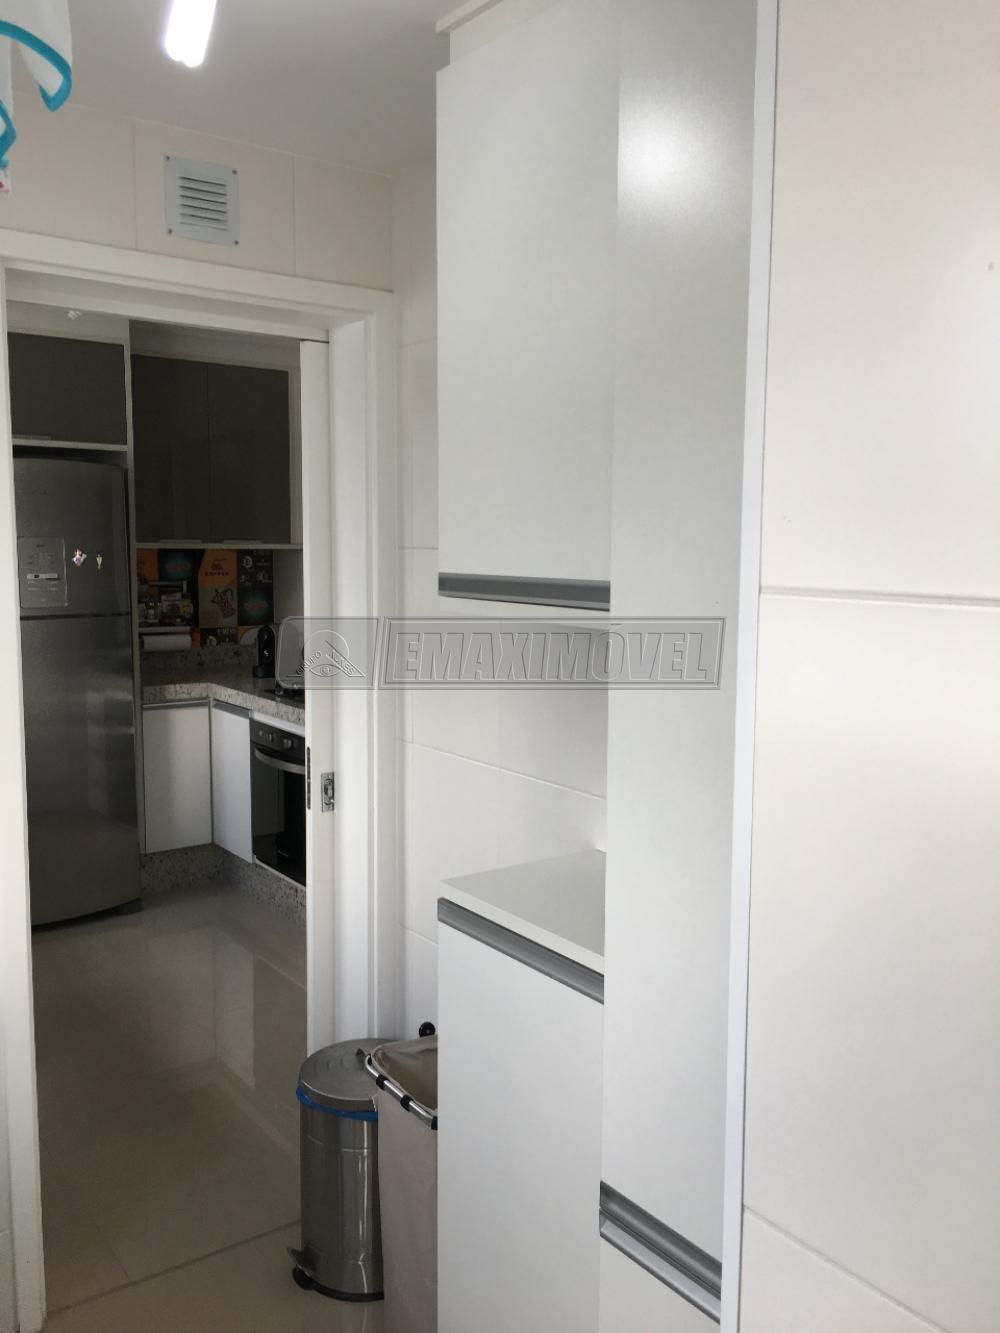 Comprar Apartamentos / Apto Padrão em Sorocaba apenas R$ 580.000,00 - Foto 19